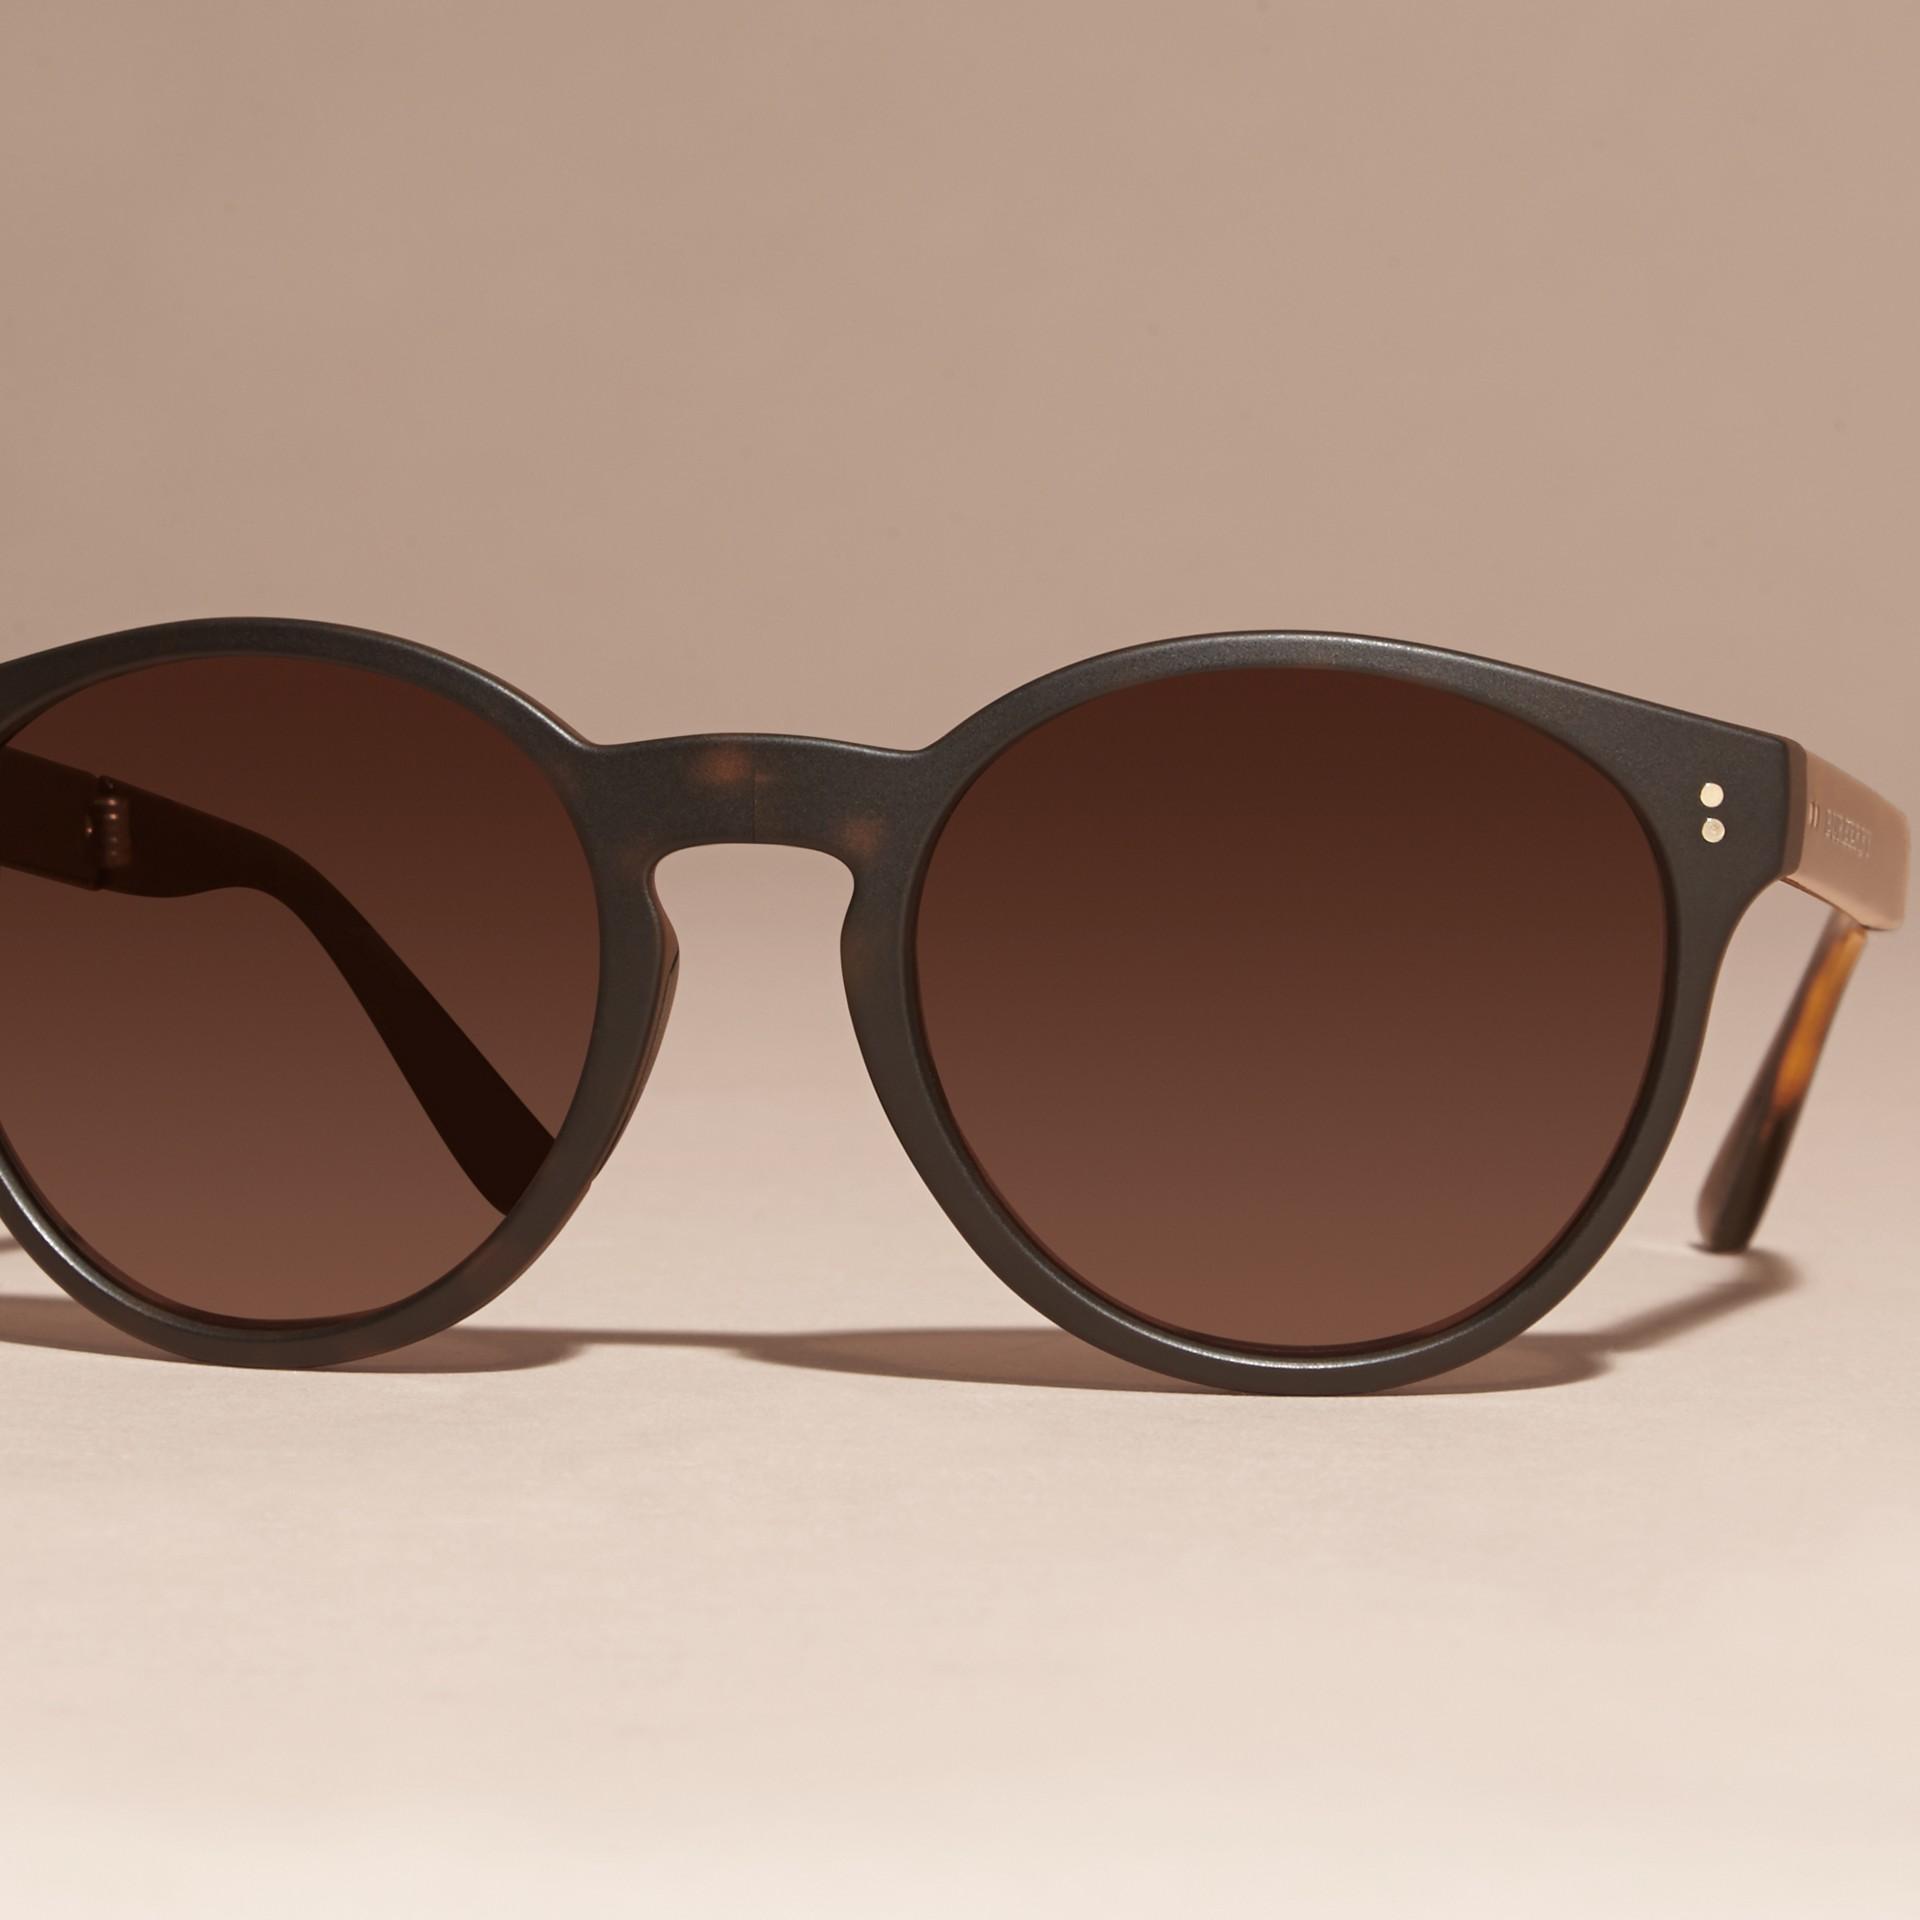 Tartarugato Occhiali da sole con montatura tonda pieghevole Tartarugato - immagine della galleria 3